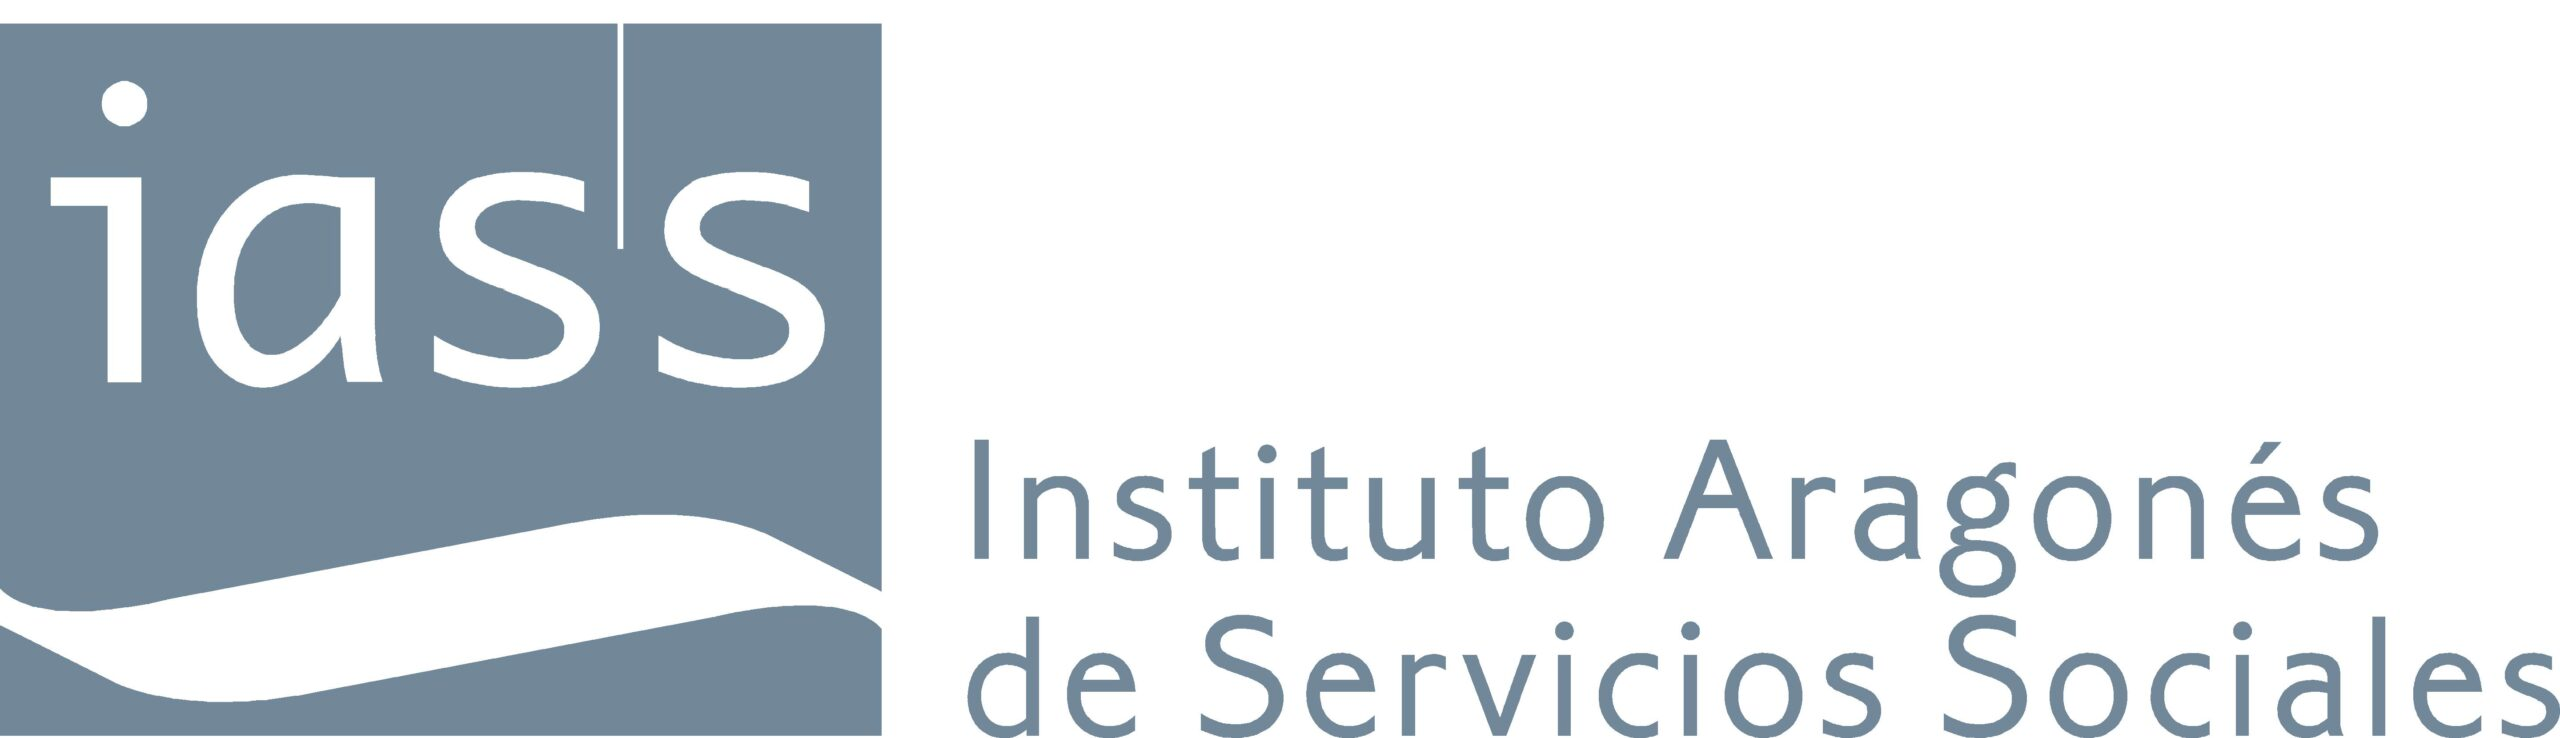 logo iass